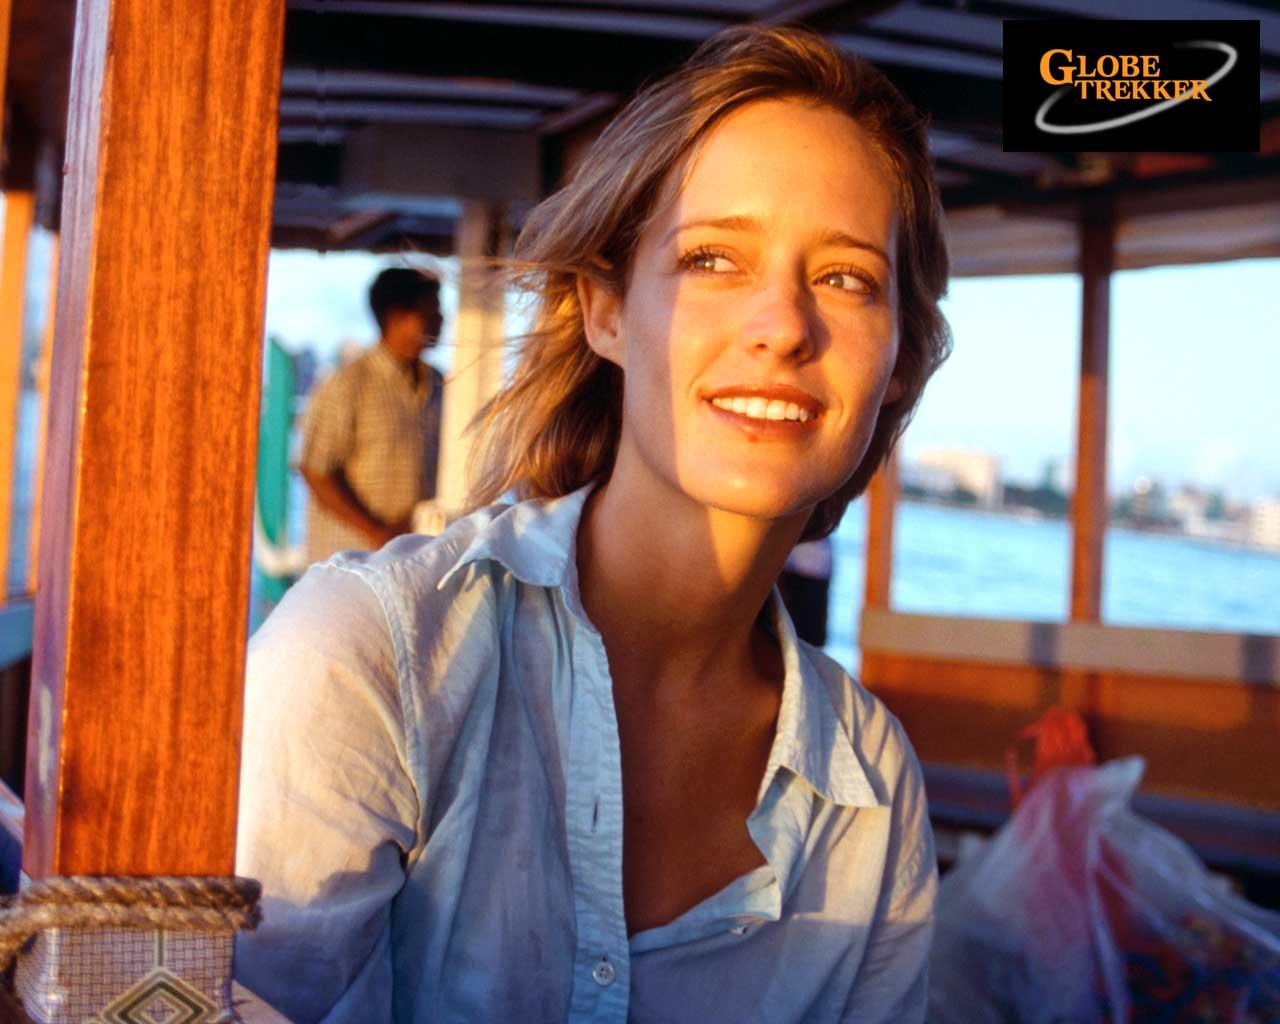 ��ֽ1280��1024�´����Ľ������� Megan McCormickͼƬ��ֽ��ֽ ��������� Globe Trekker ���ν�Ŀ��ֽ��ֽͼƬӰ�ӱ�ֽӰ��ͼƬ�ز������ֽ